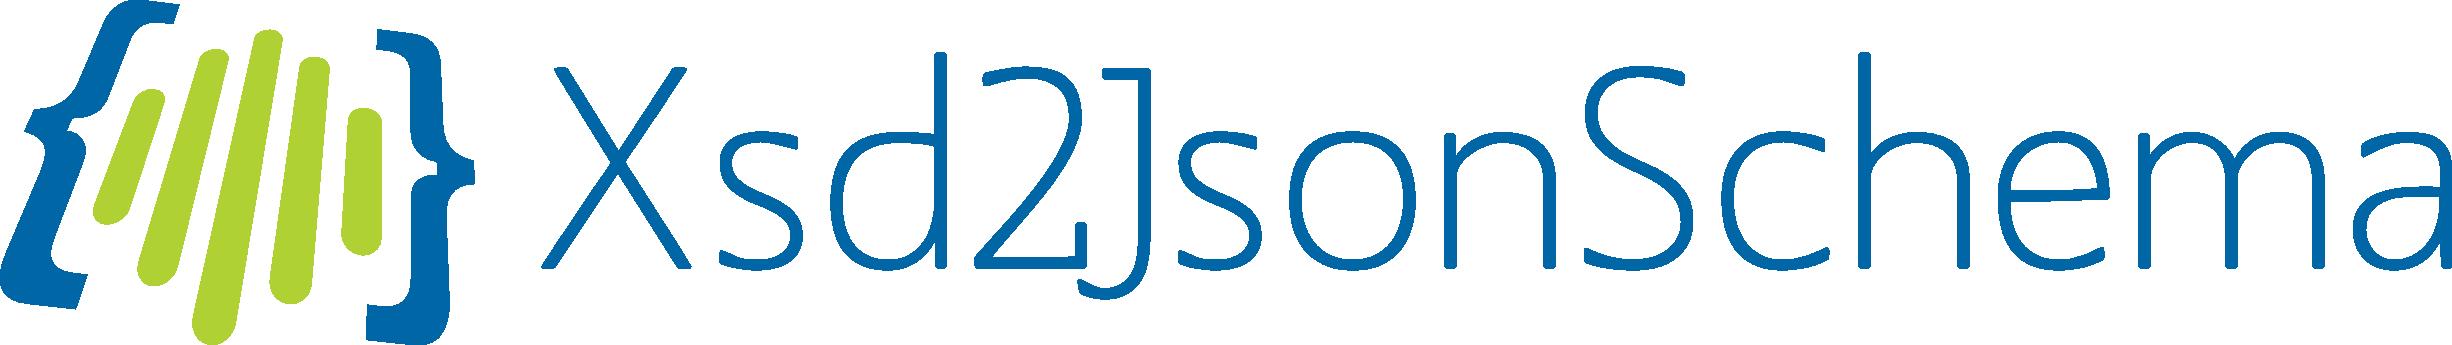 Xsd2JsonSchema